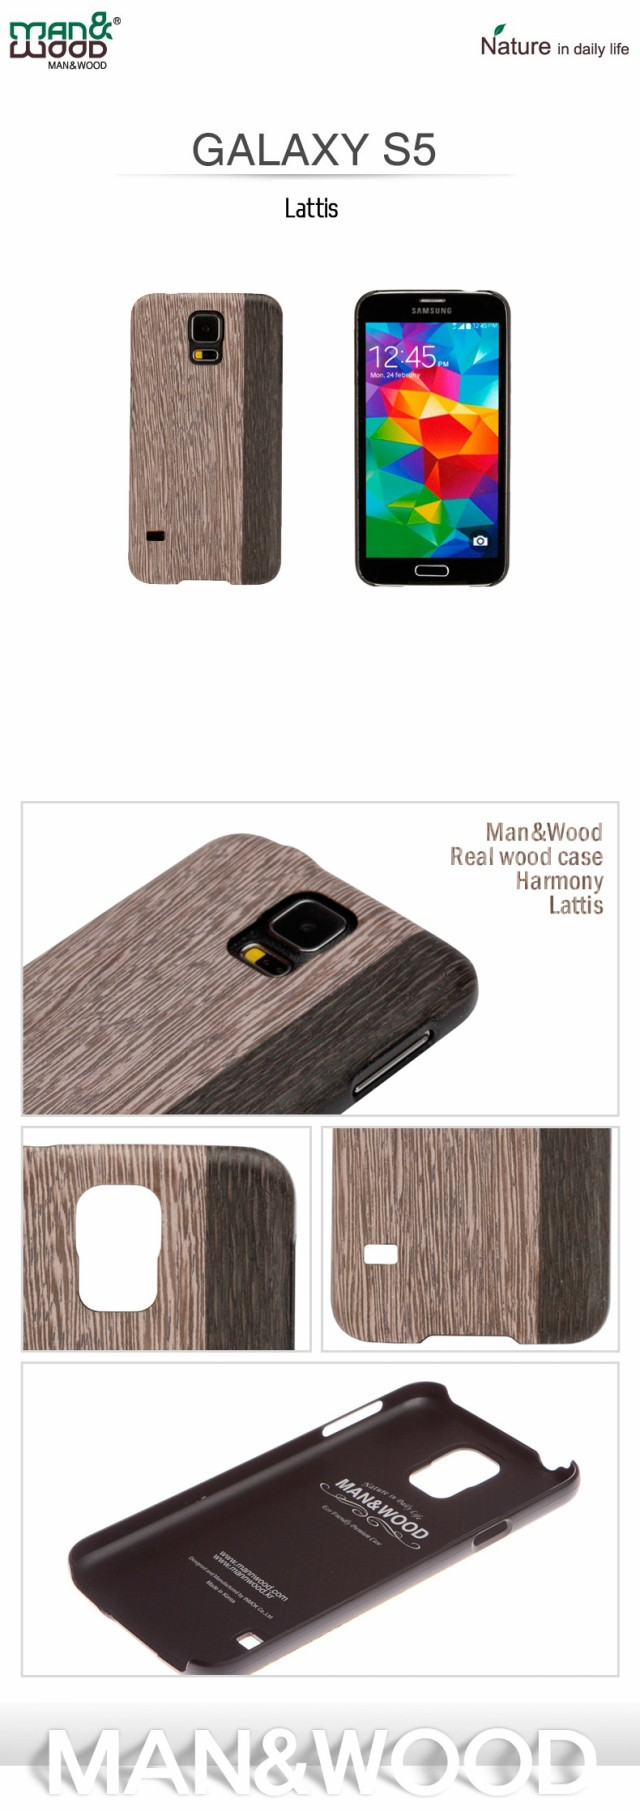 商品詳細 GALAXY S5 ケースM&W天然木Real wood cas Harmony Lattis